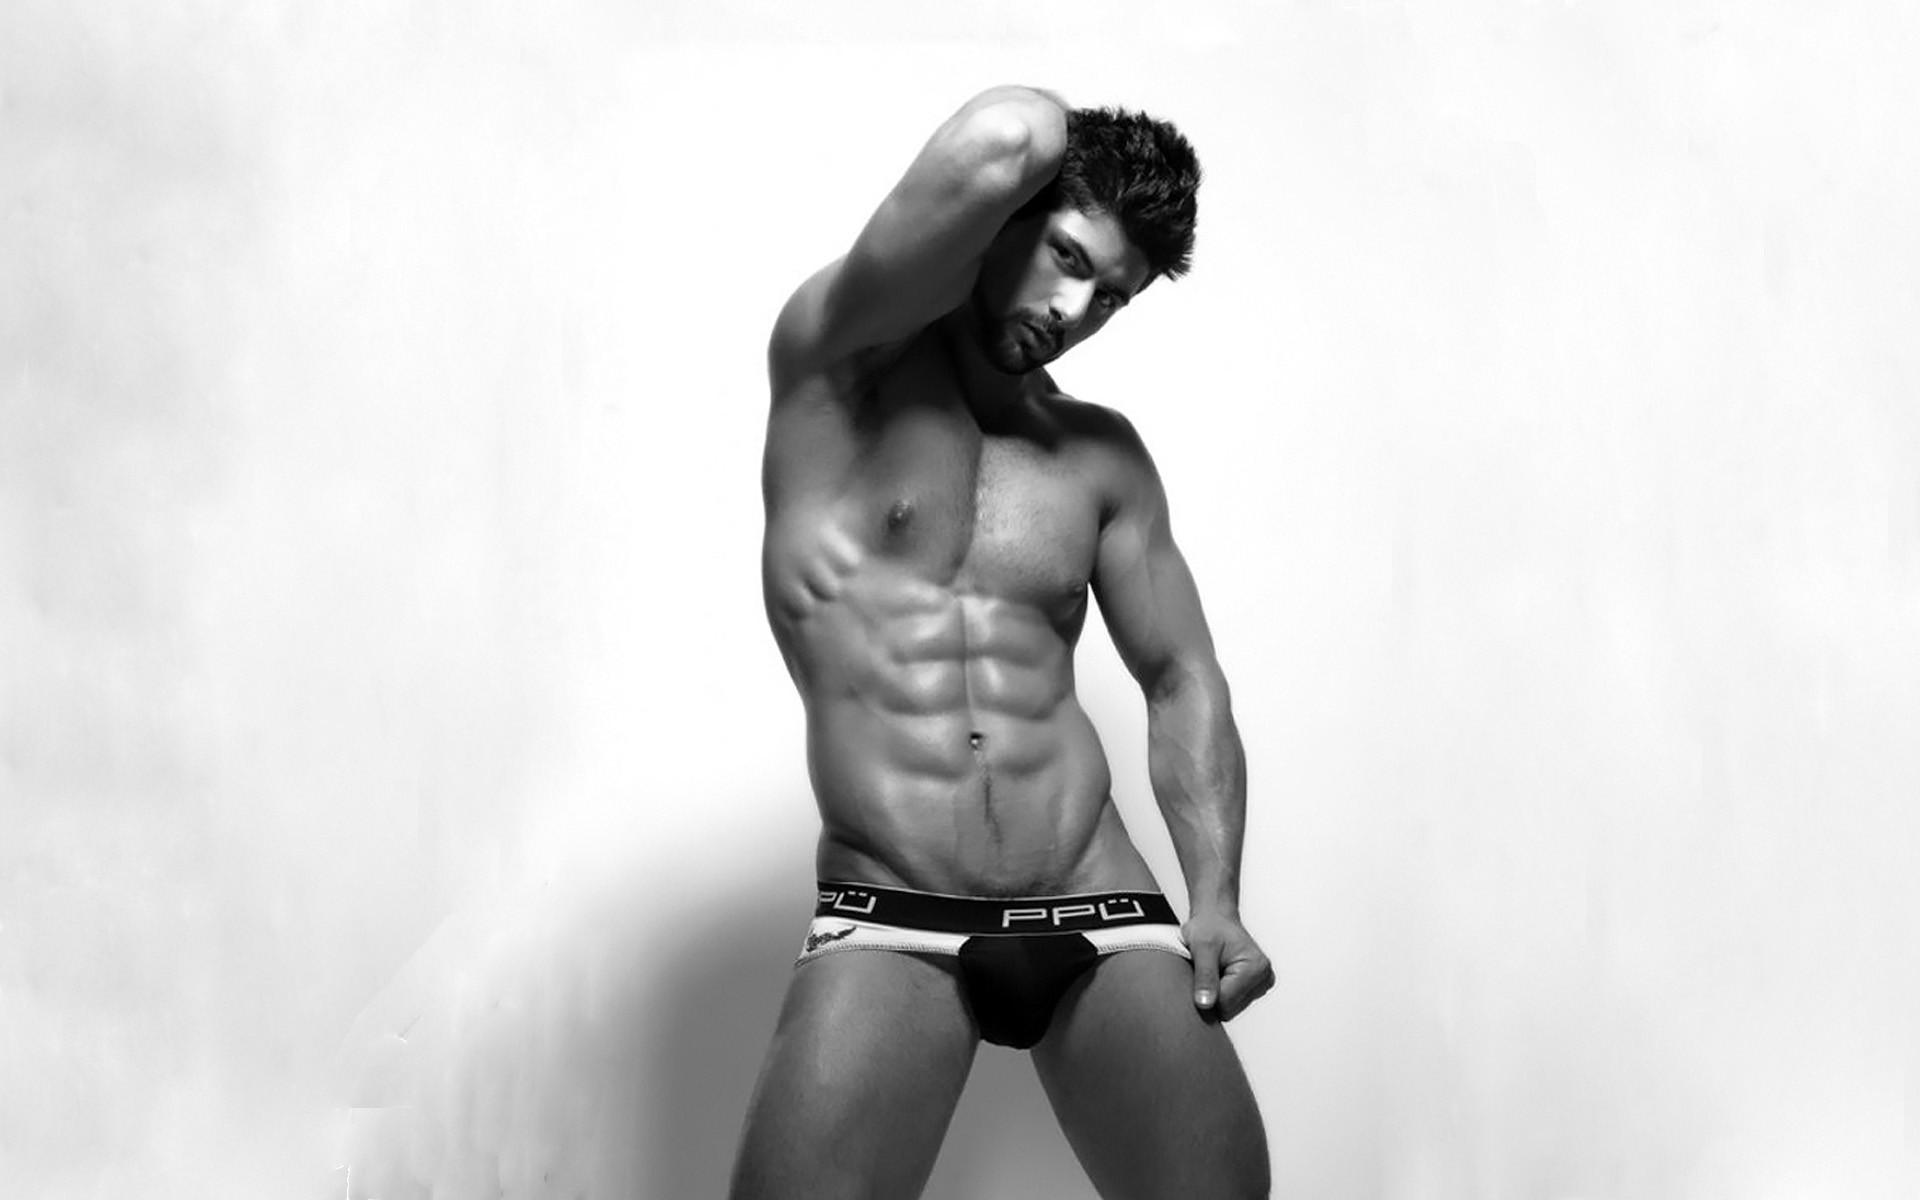 Hintergrundbilder : Männer, Weiß, schwarz, einfarbig, Modell ...